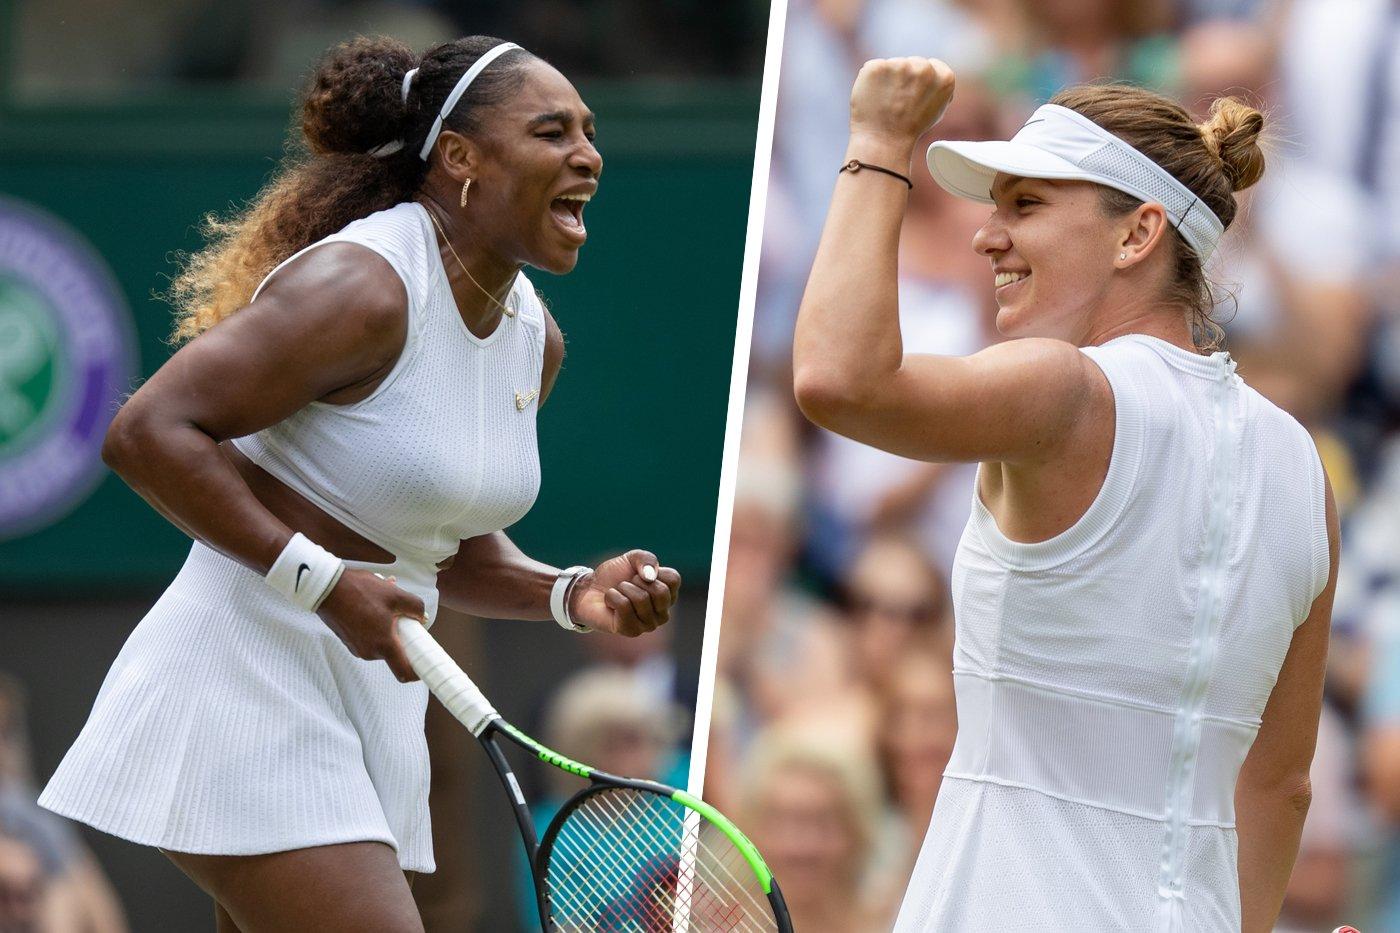 Ставка на победителя в женском теннисе